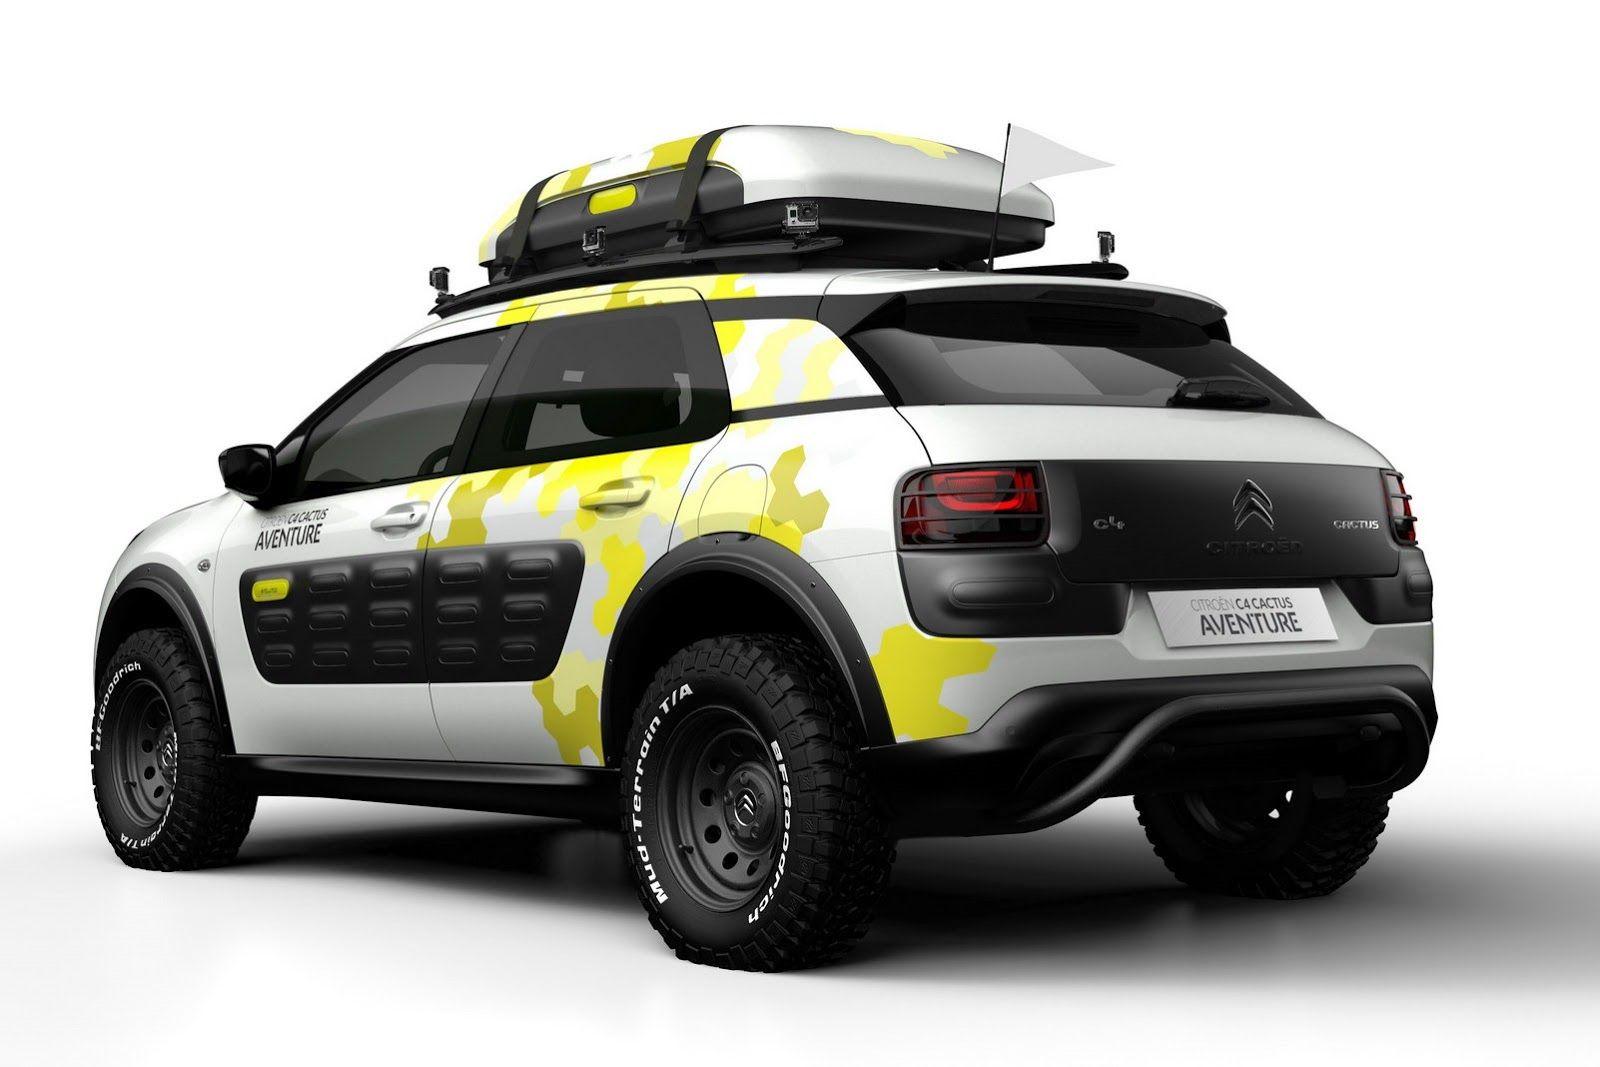 Citroen C4 Cactus Aventure Concept Carscoops Com Citroën C4 Citroen Citroen Concept